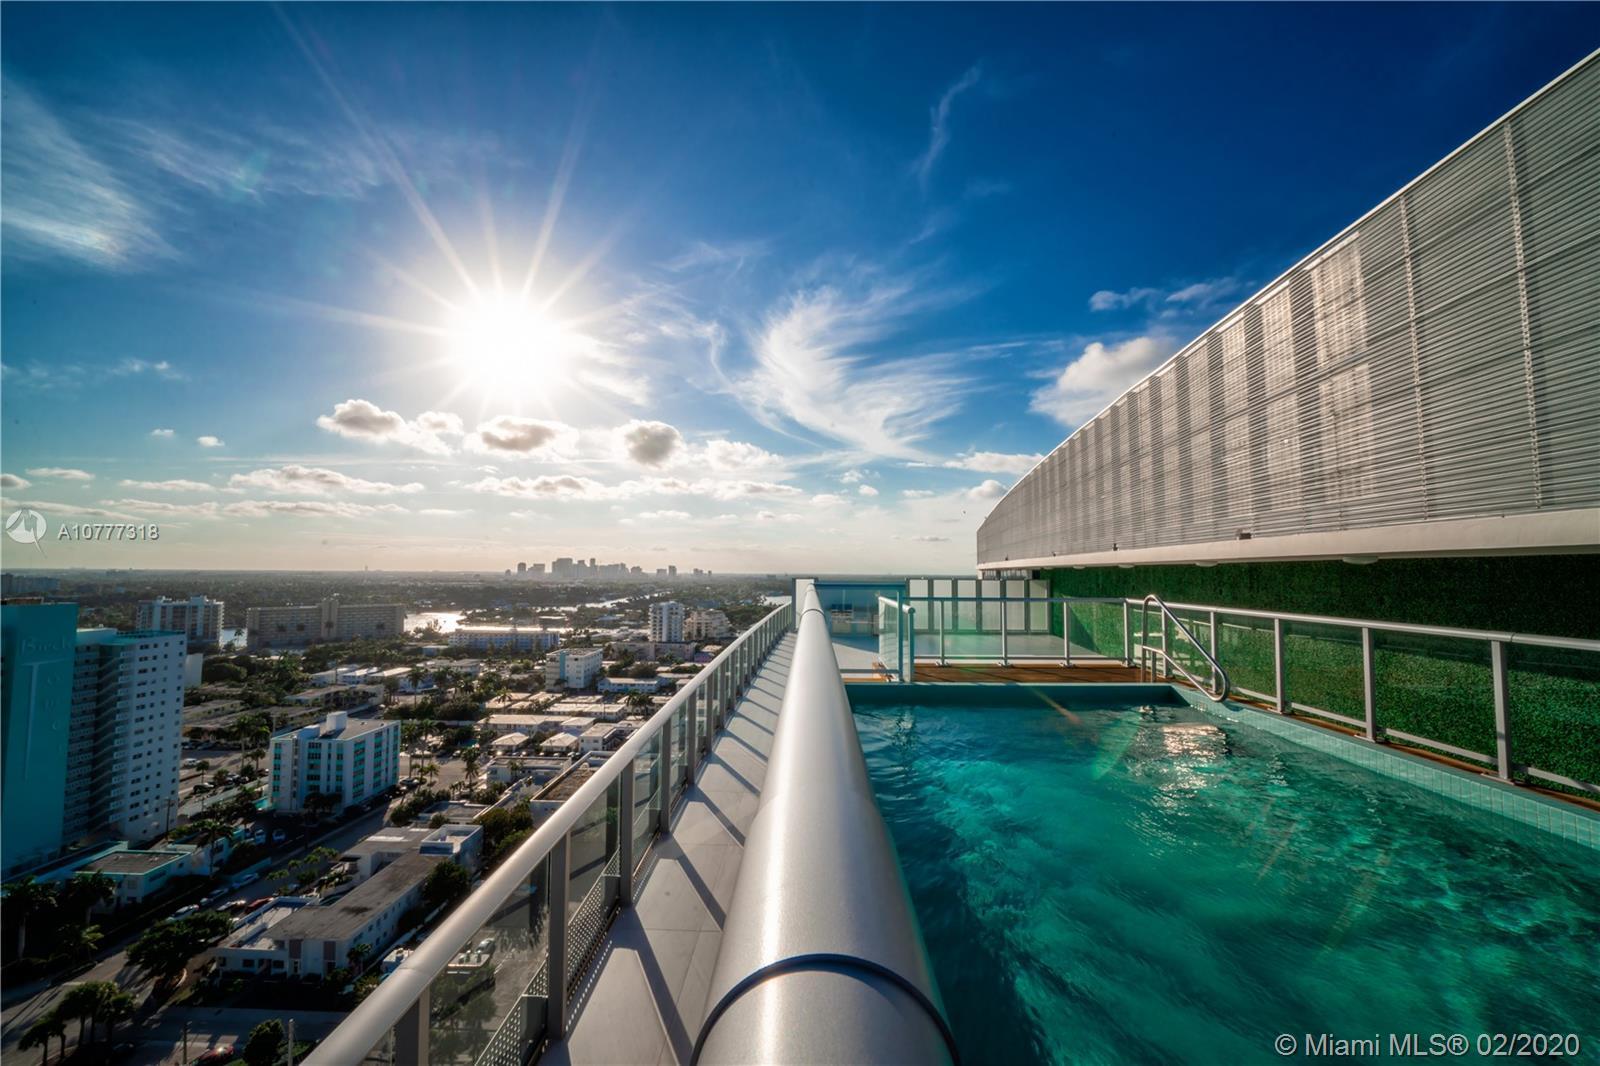 701 N Fort Lauderdale Blvd Fort Lauderdale, FL